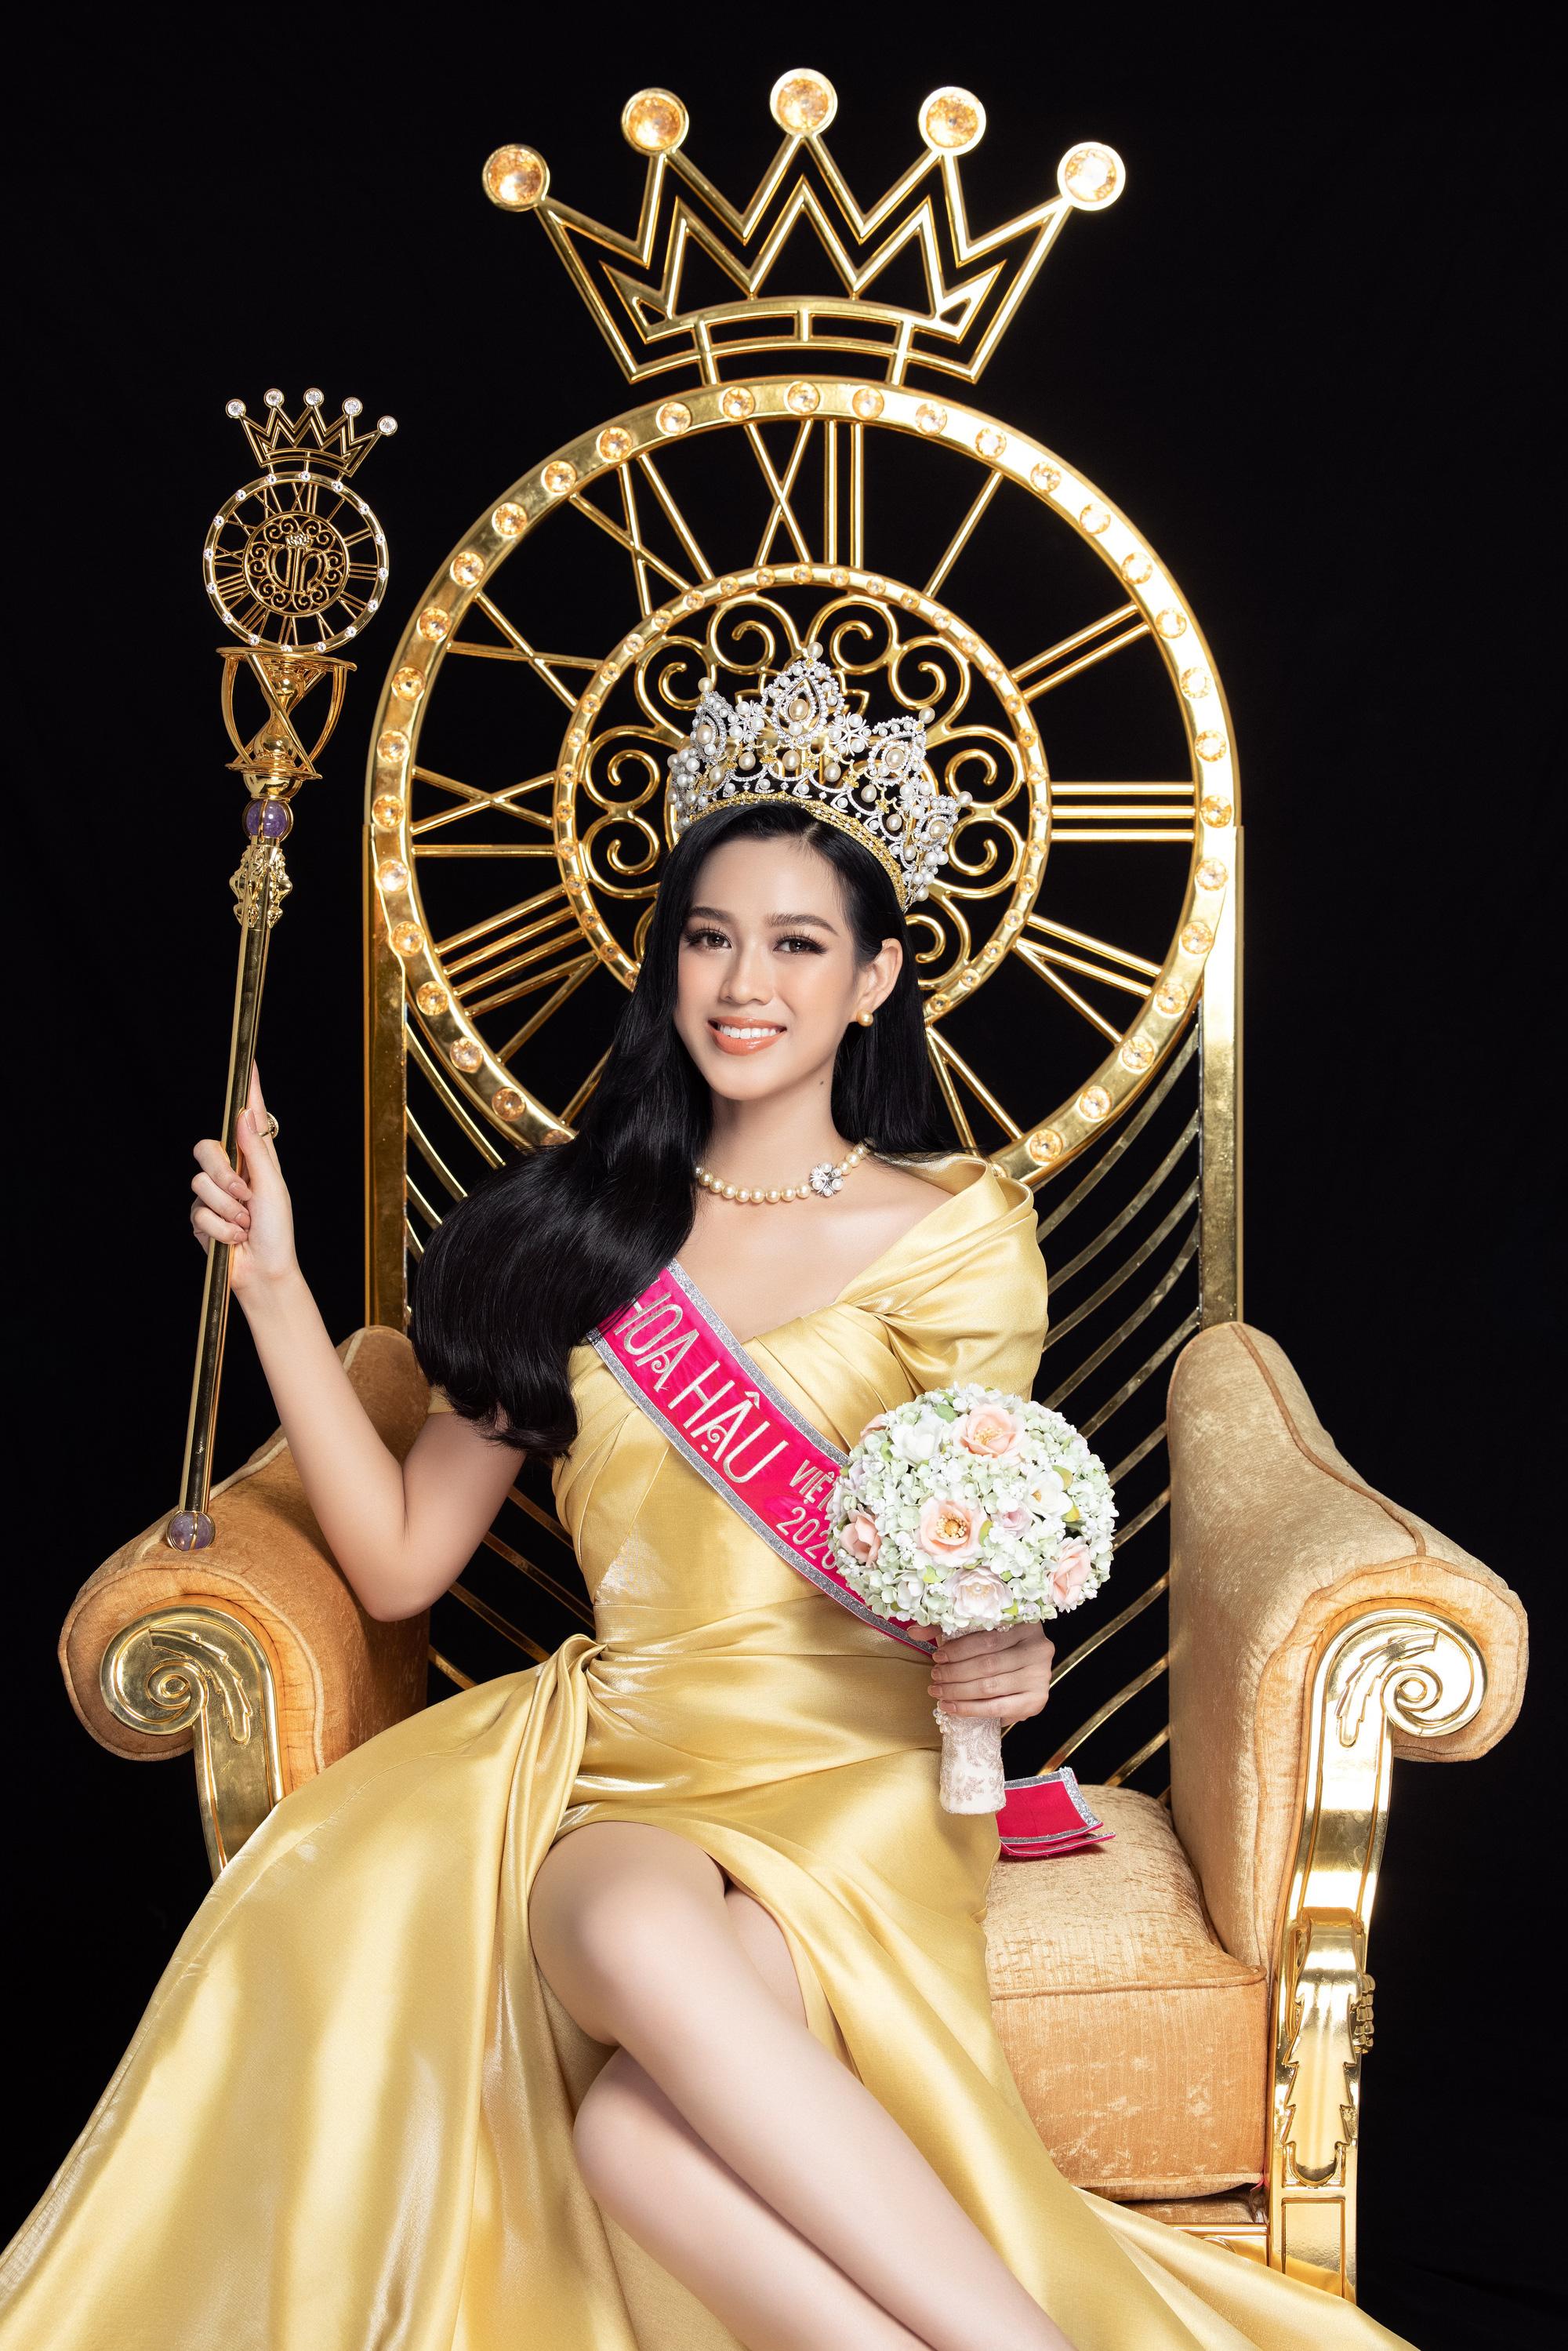 """Hoa hậu Đỗ Thị Hà: """"19 tuổi đăng quang, không phải là áp lực"""" - Ảnh 3."""